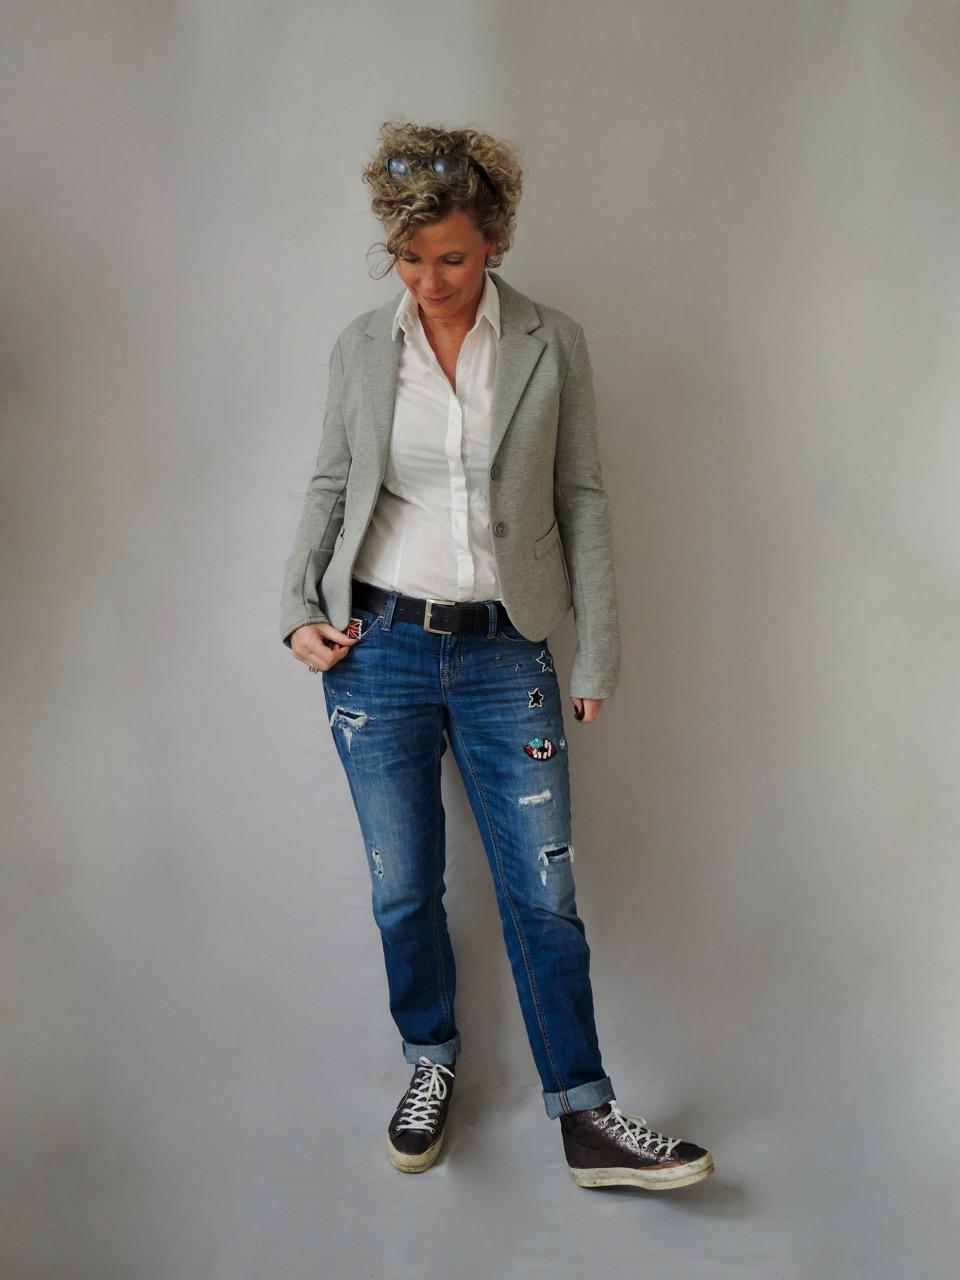 Patches und jeans women2style - Frauen style ideen ...